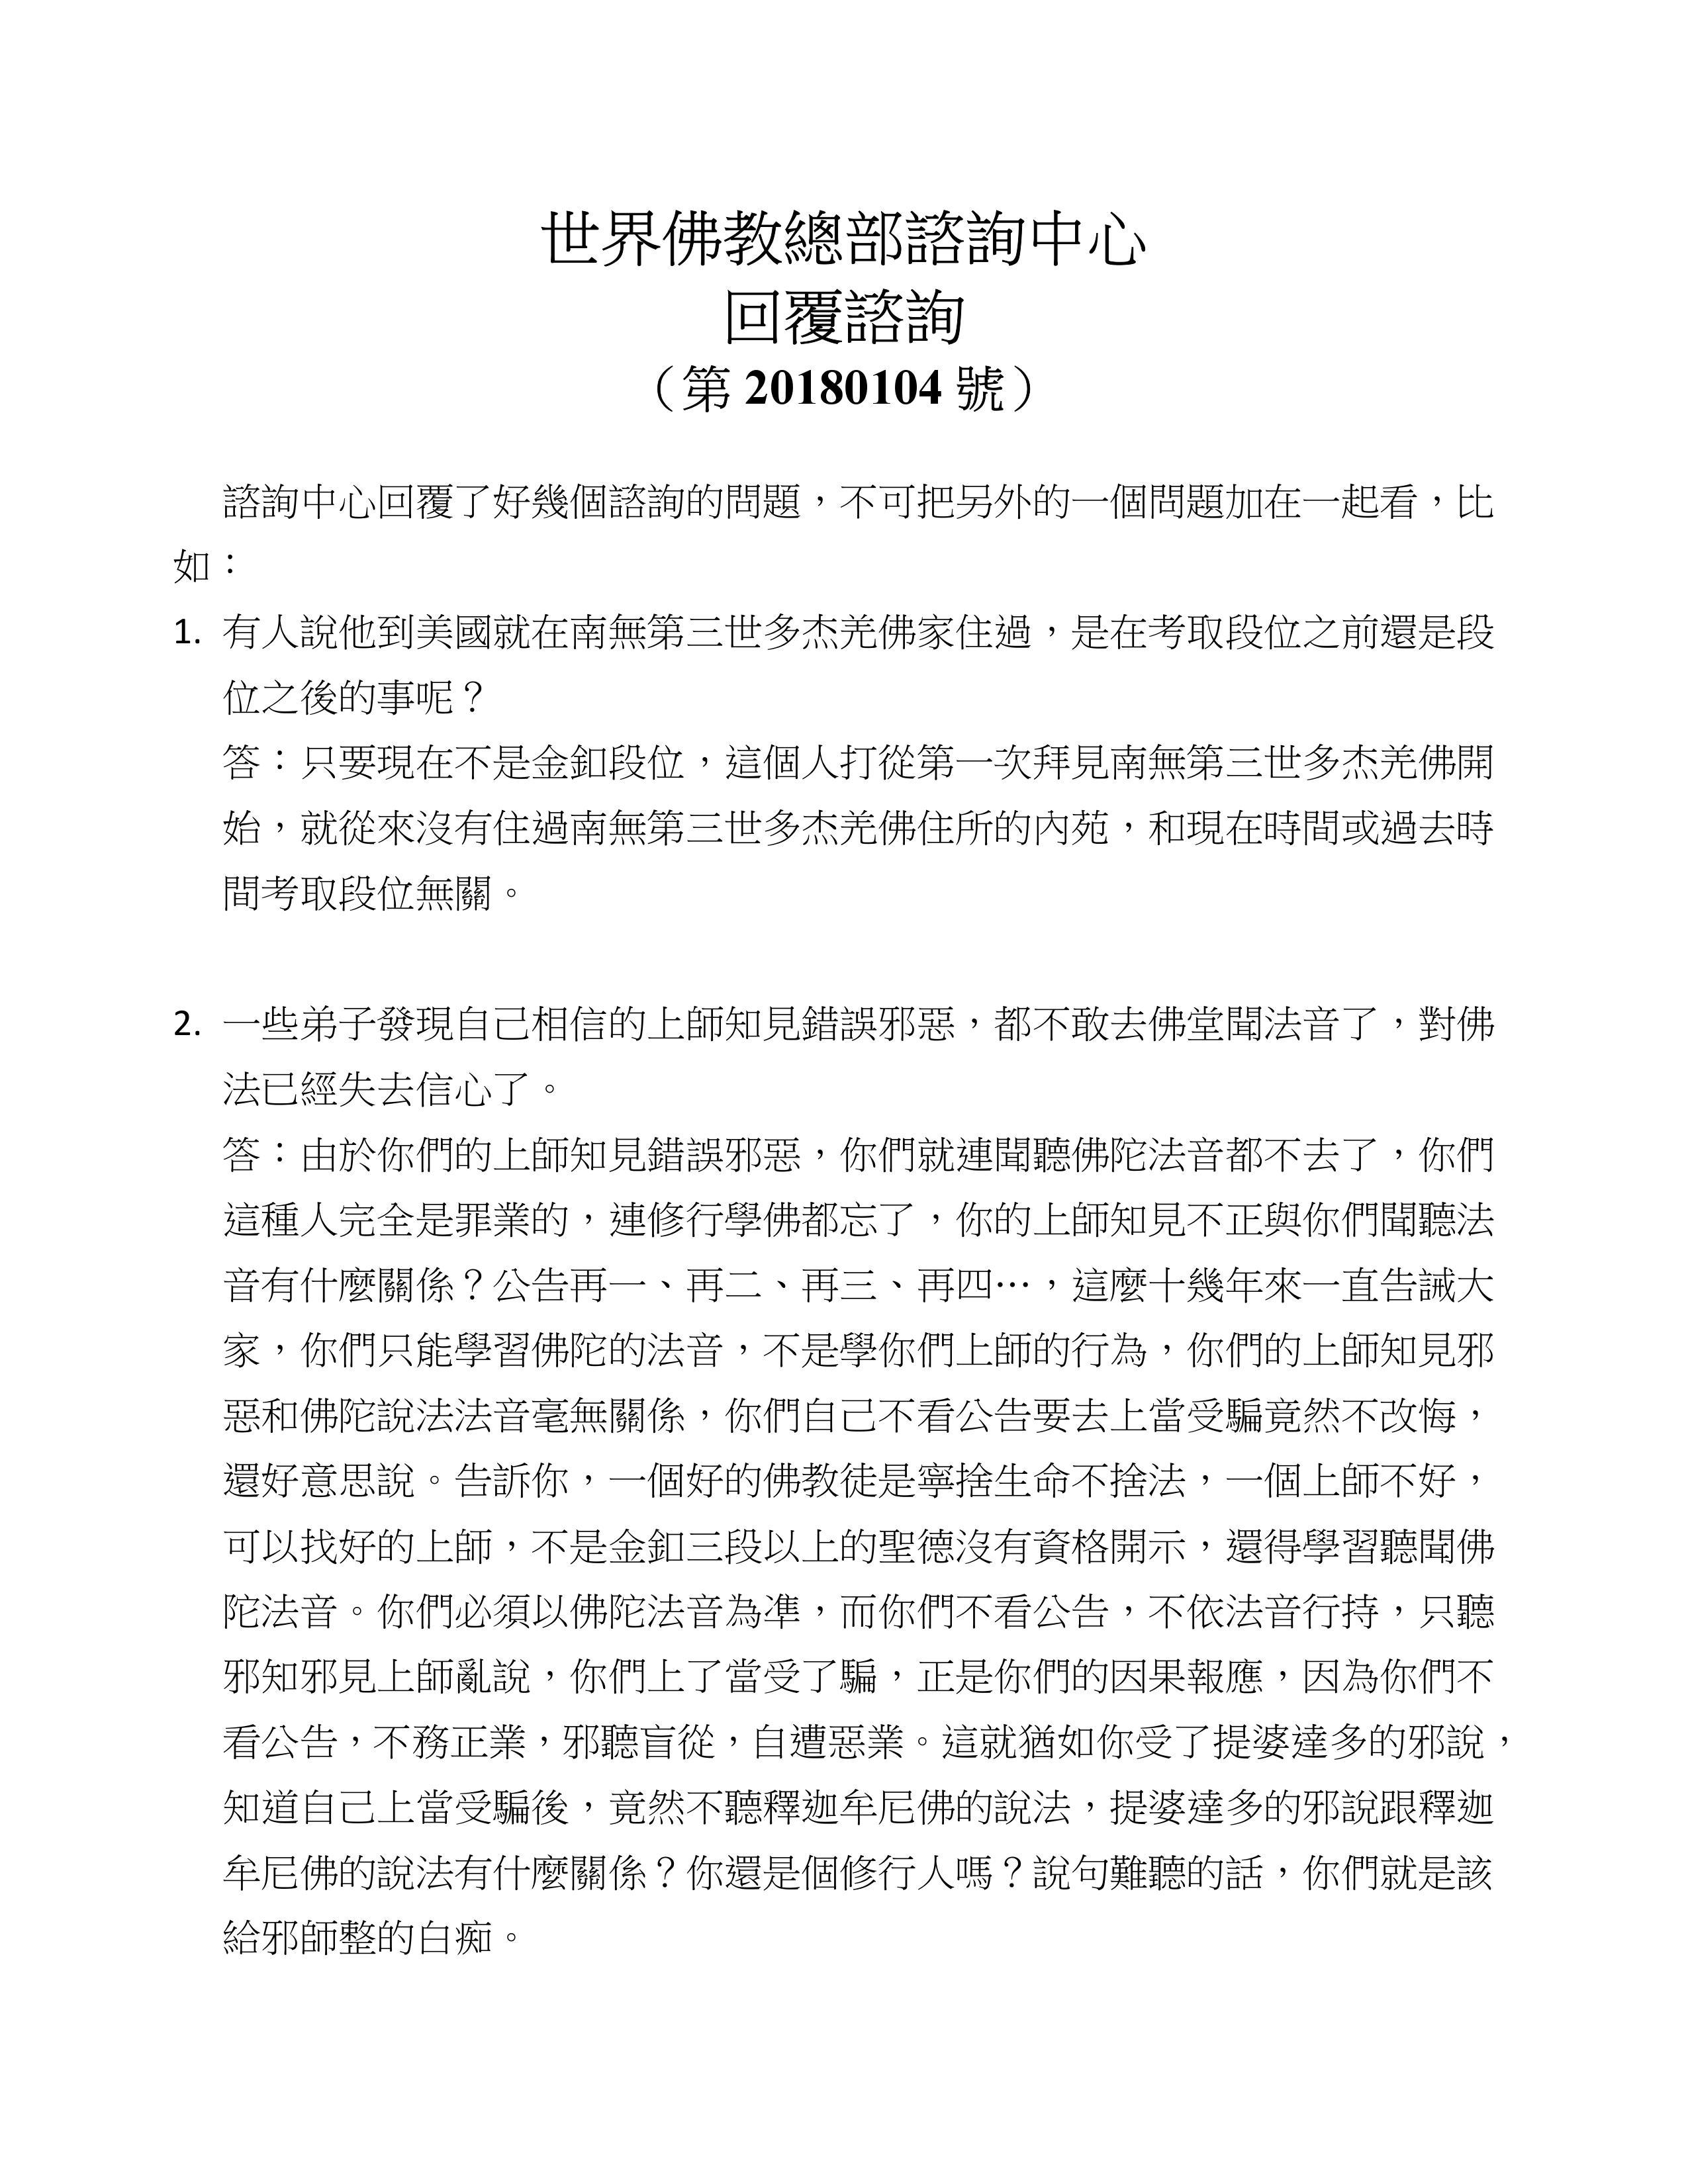 世界佛教总部咨询中心回覆咨询(第20180104号)1